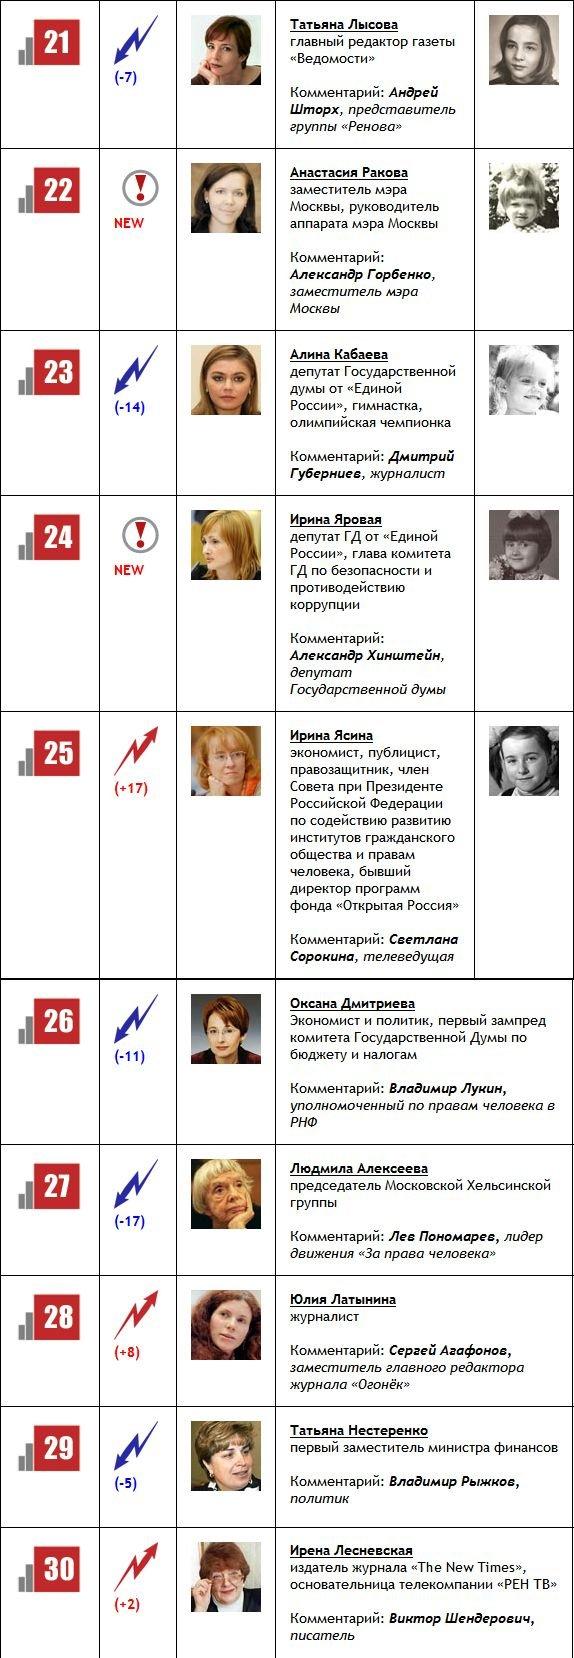 100 самых влиятельных женщин России